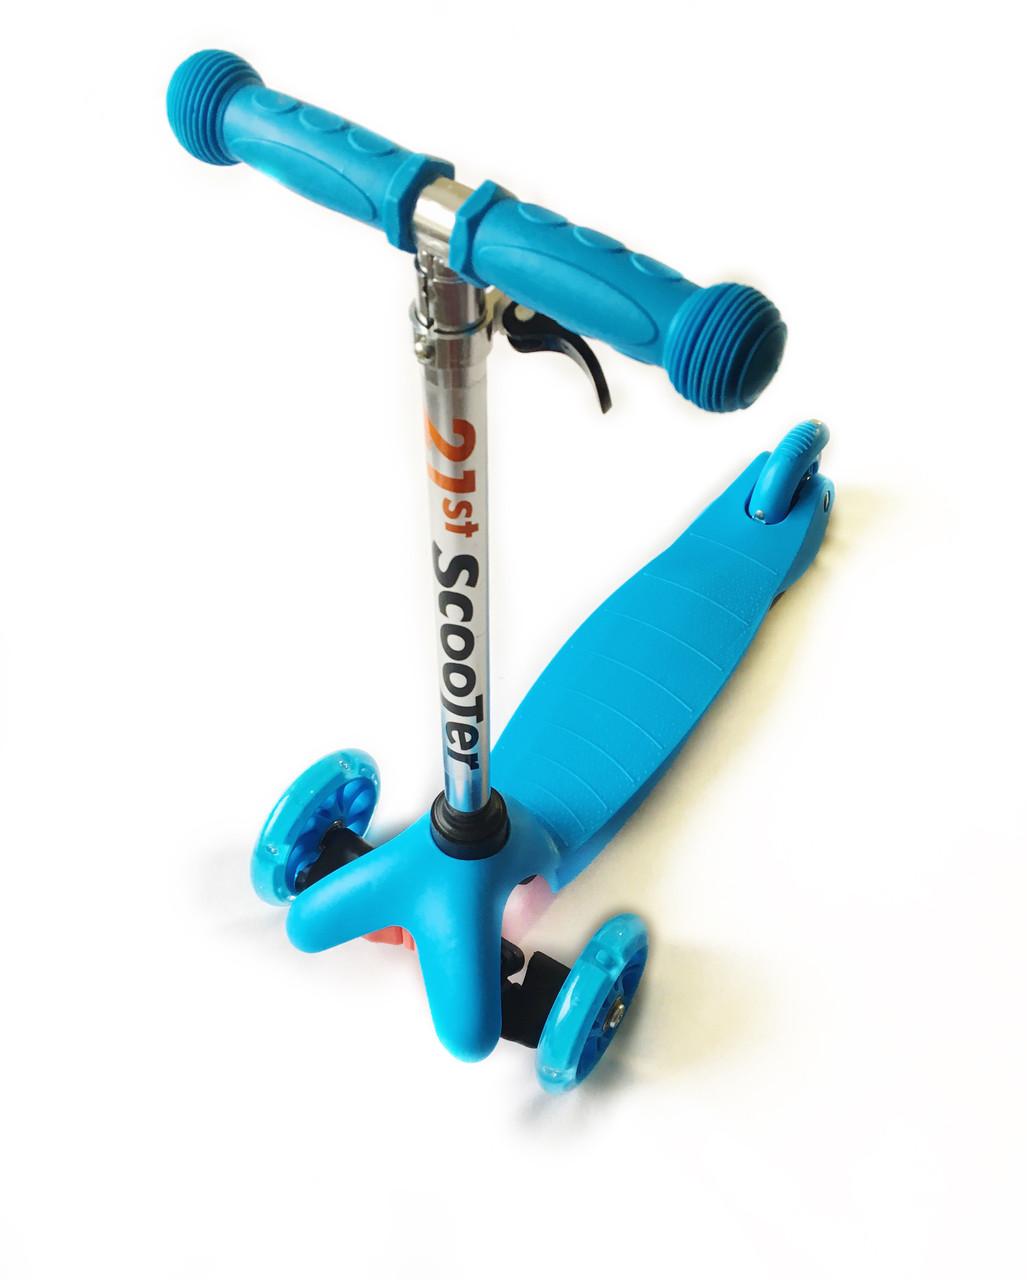 Трехколесный самокат 21Scooter - Mini - Синий для детей